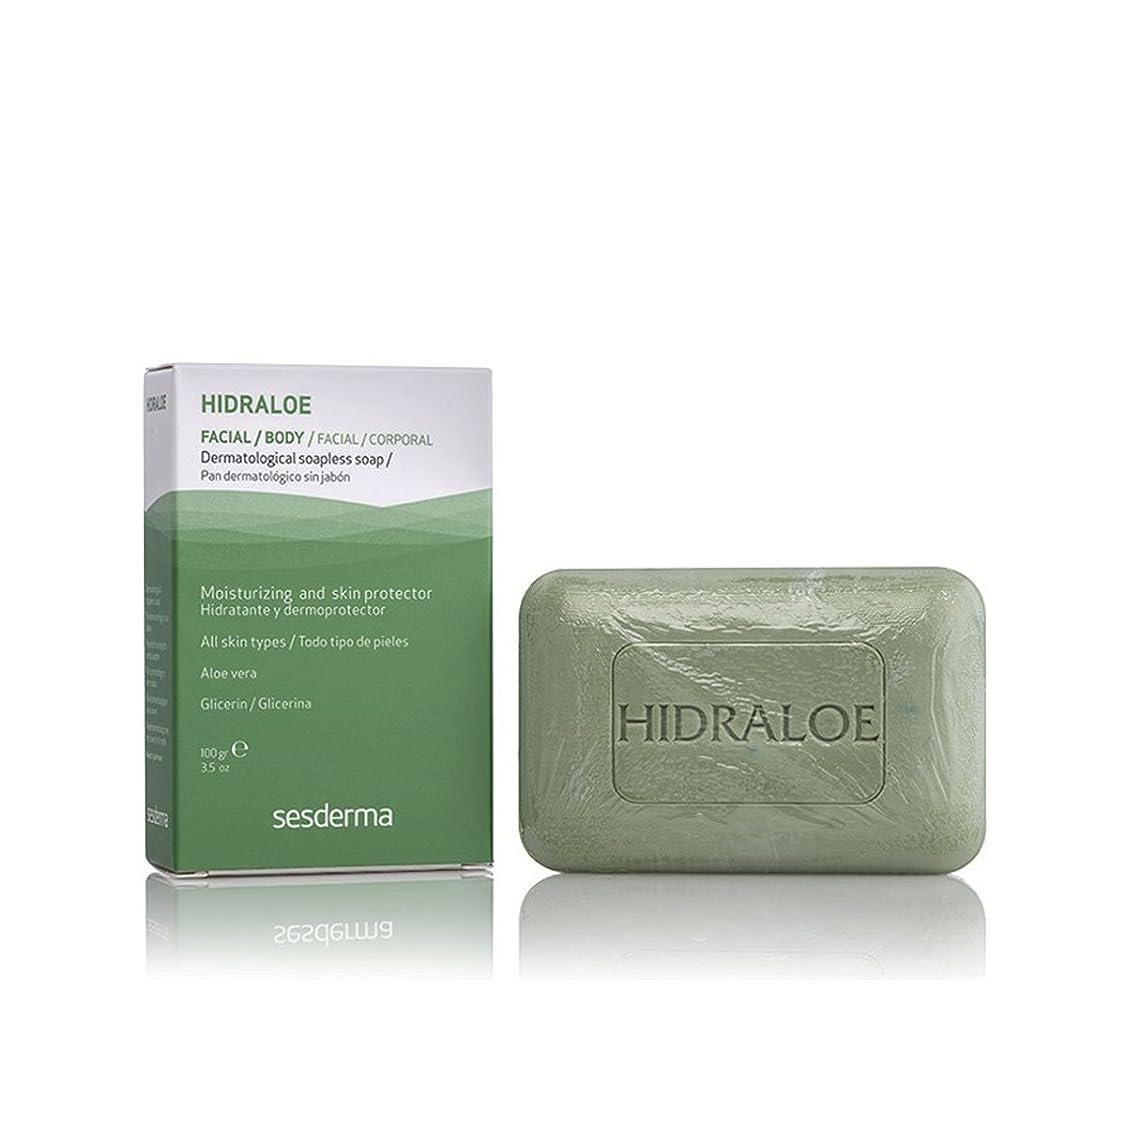 一部申し込む国民Sesderma Hidraloe Dermatological Soapless Soap 100gr [並行輸入品]